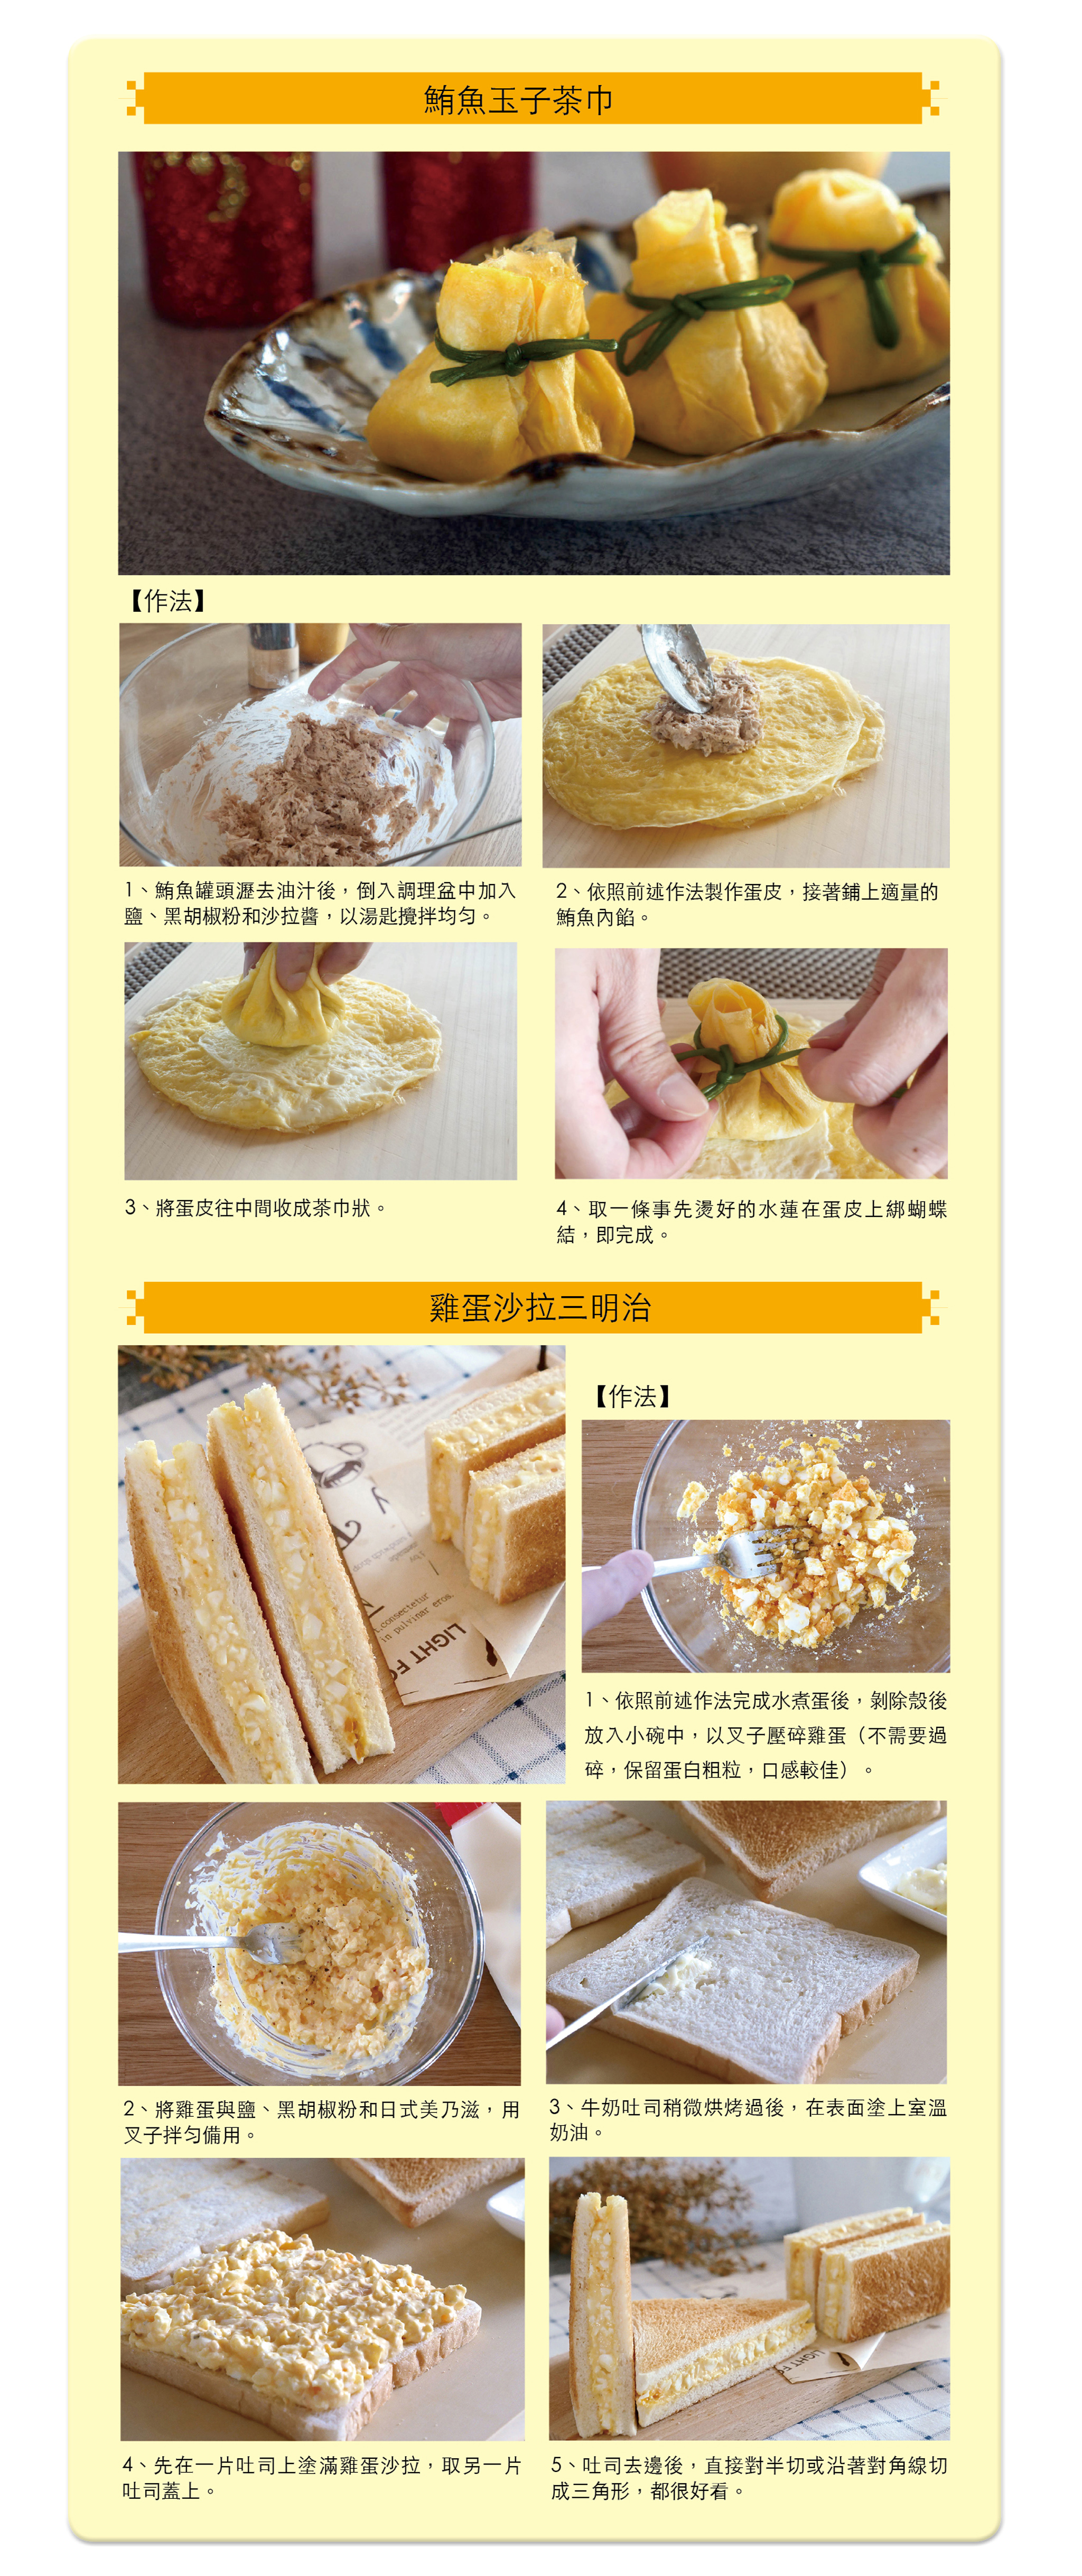 「鮪魚玉子茶」及「雞蛋沙拉三明治」詳細圖文料理步驟。